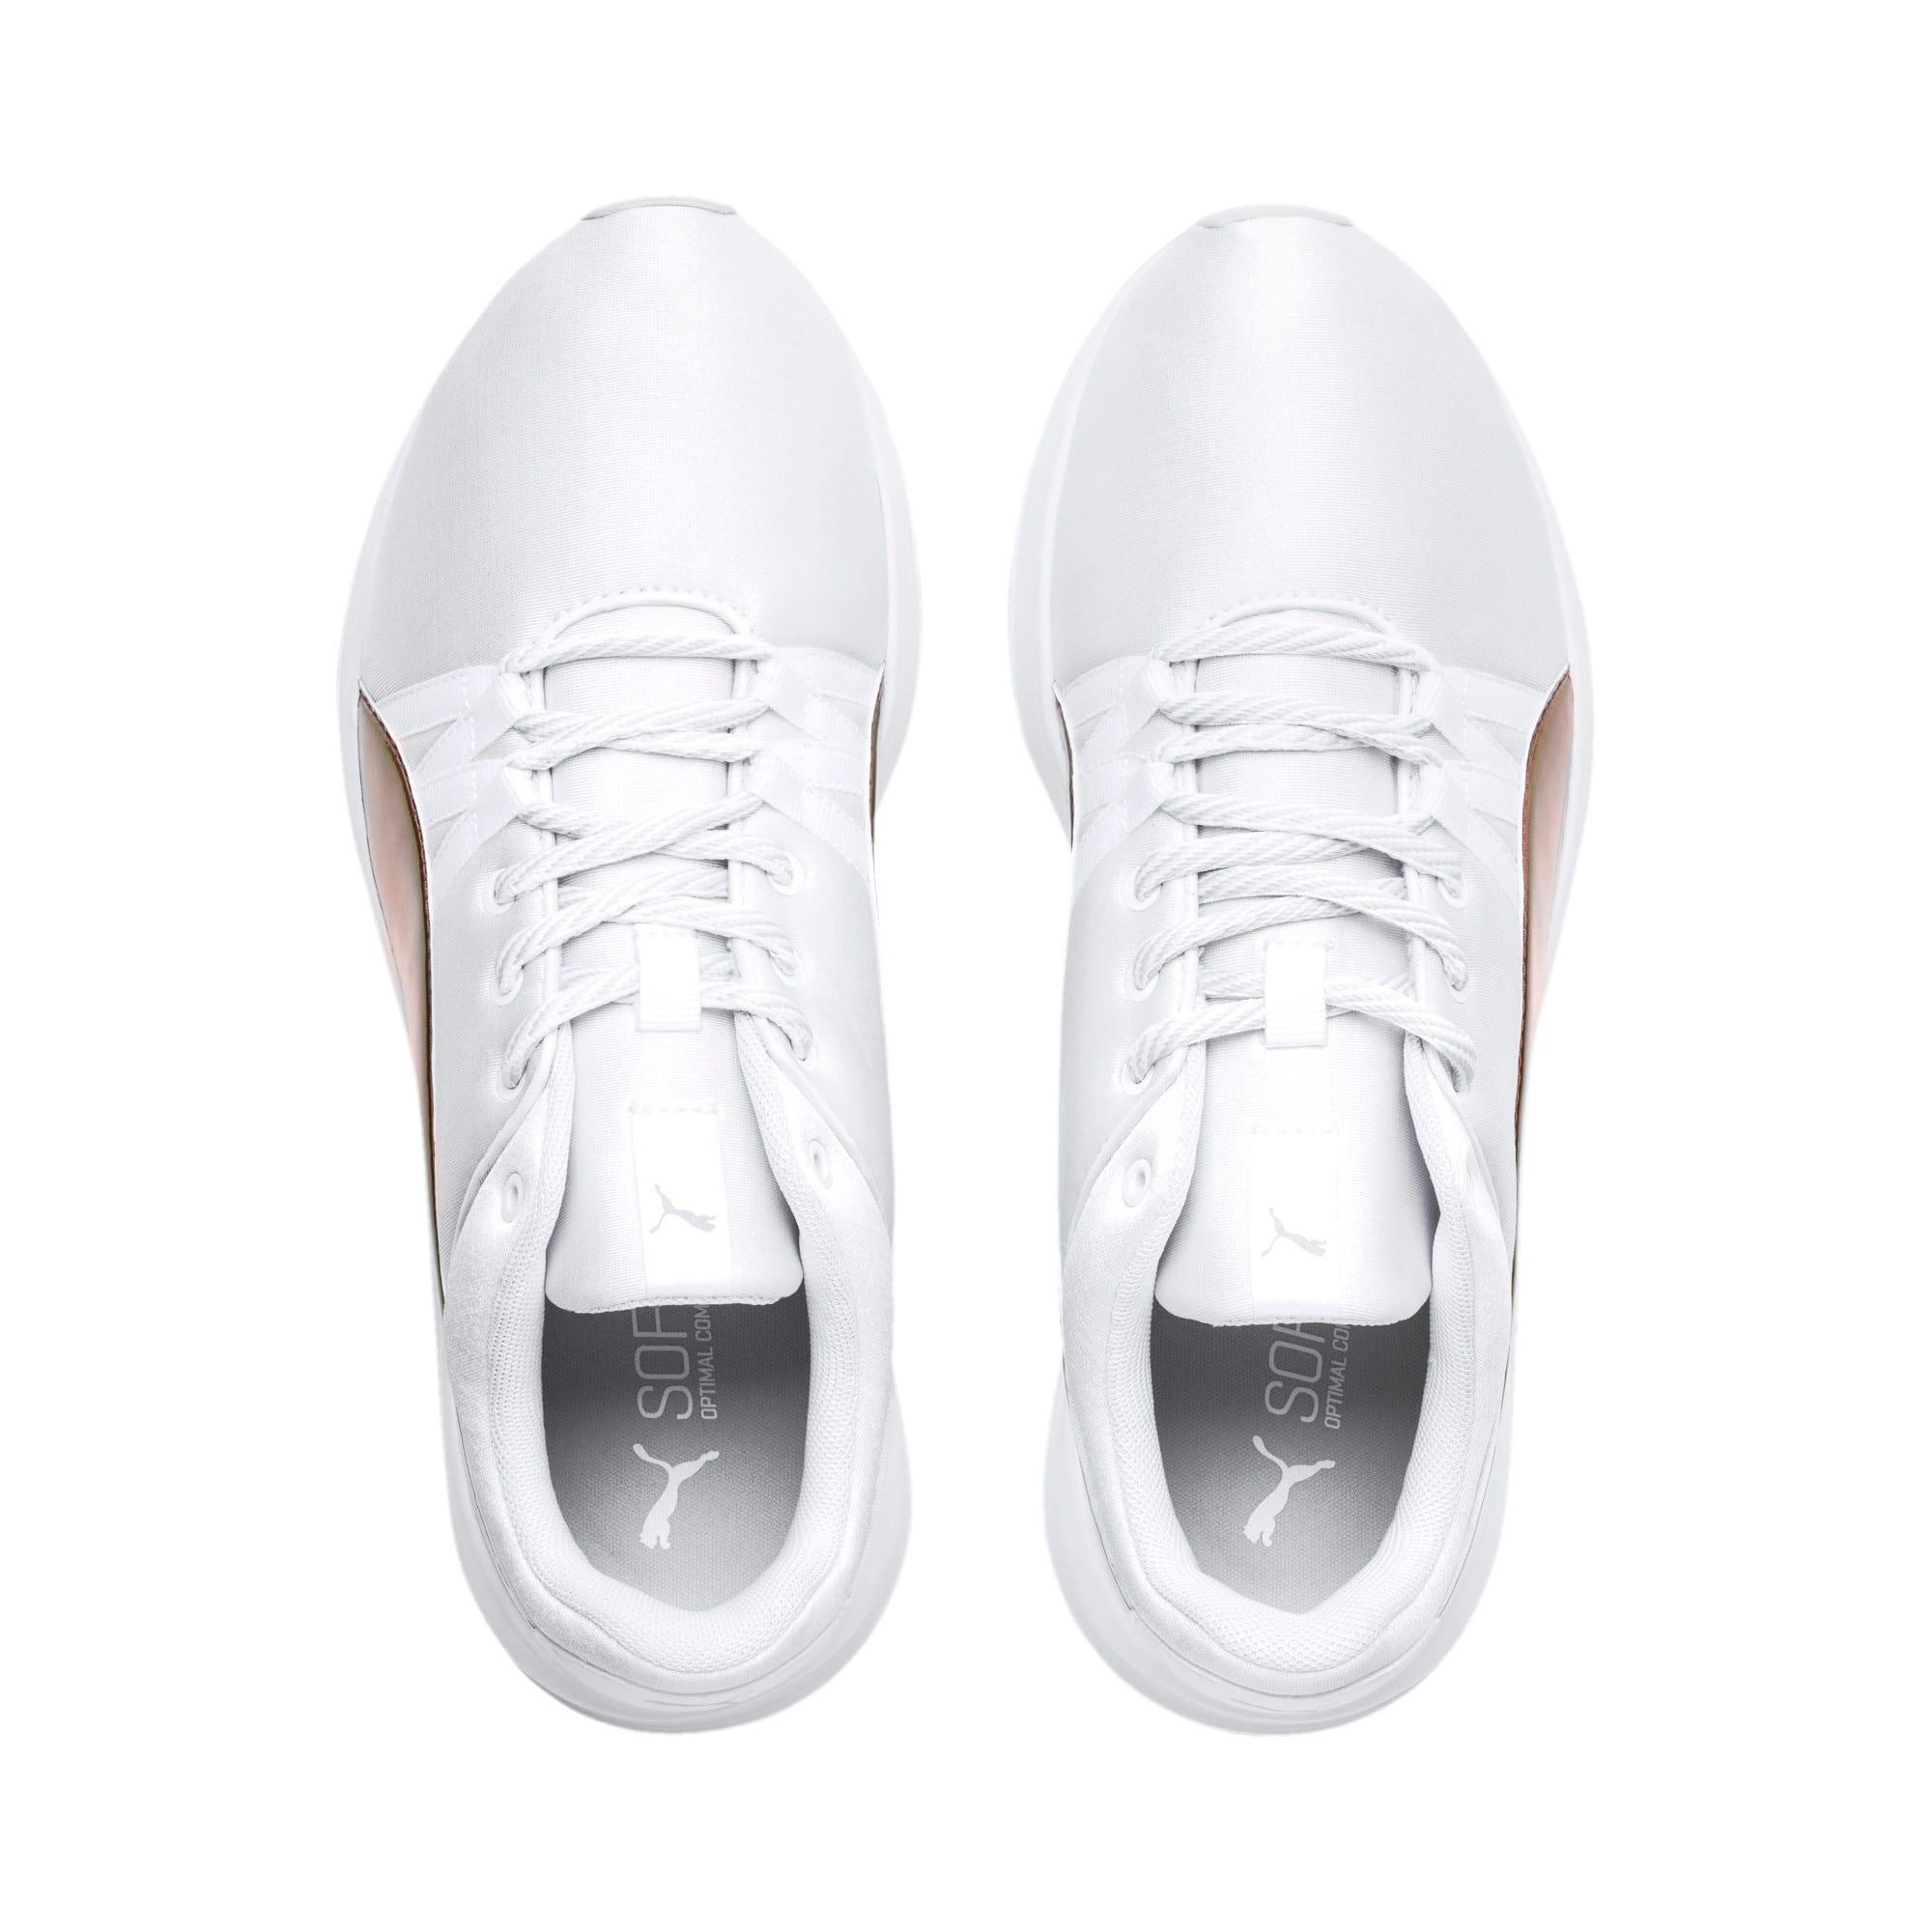 Miniatura 6 de Zapatos deportivos AdelaTrailblazer para mujer, Puma White-Puma White, mediano